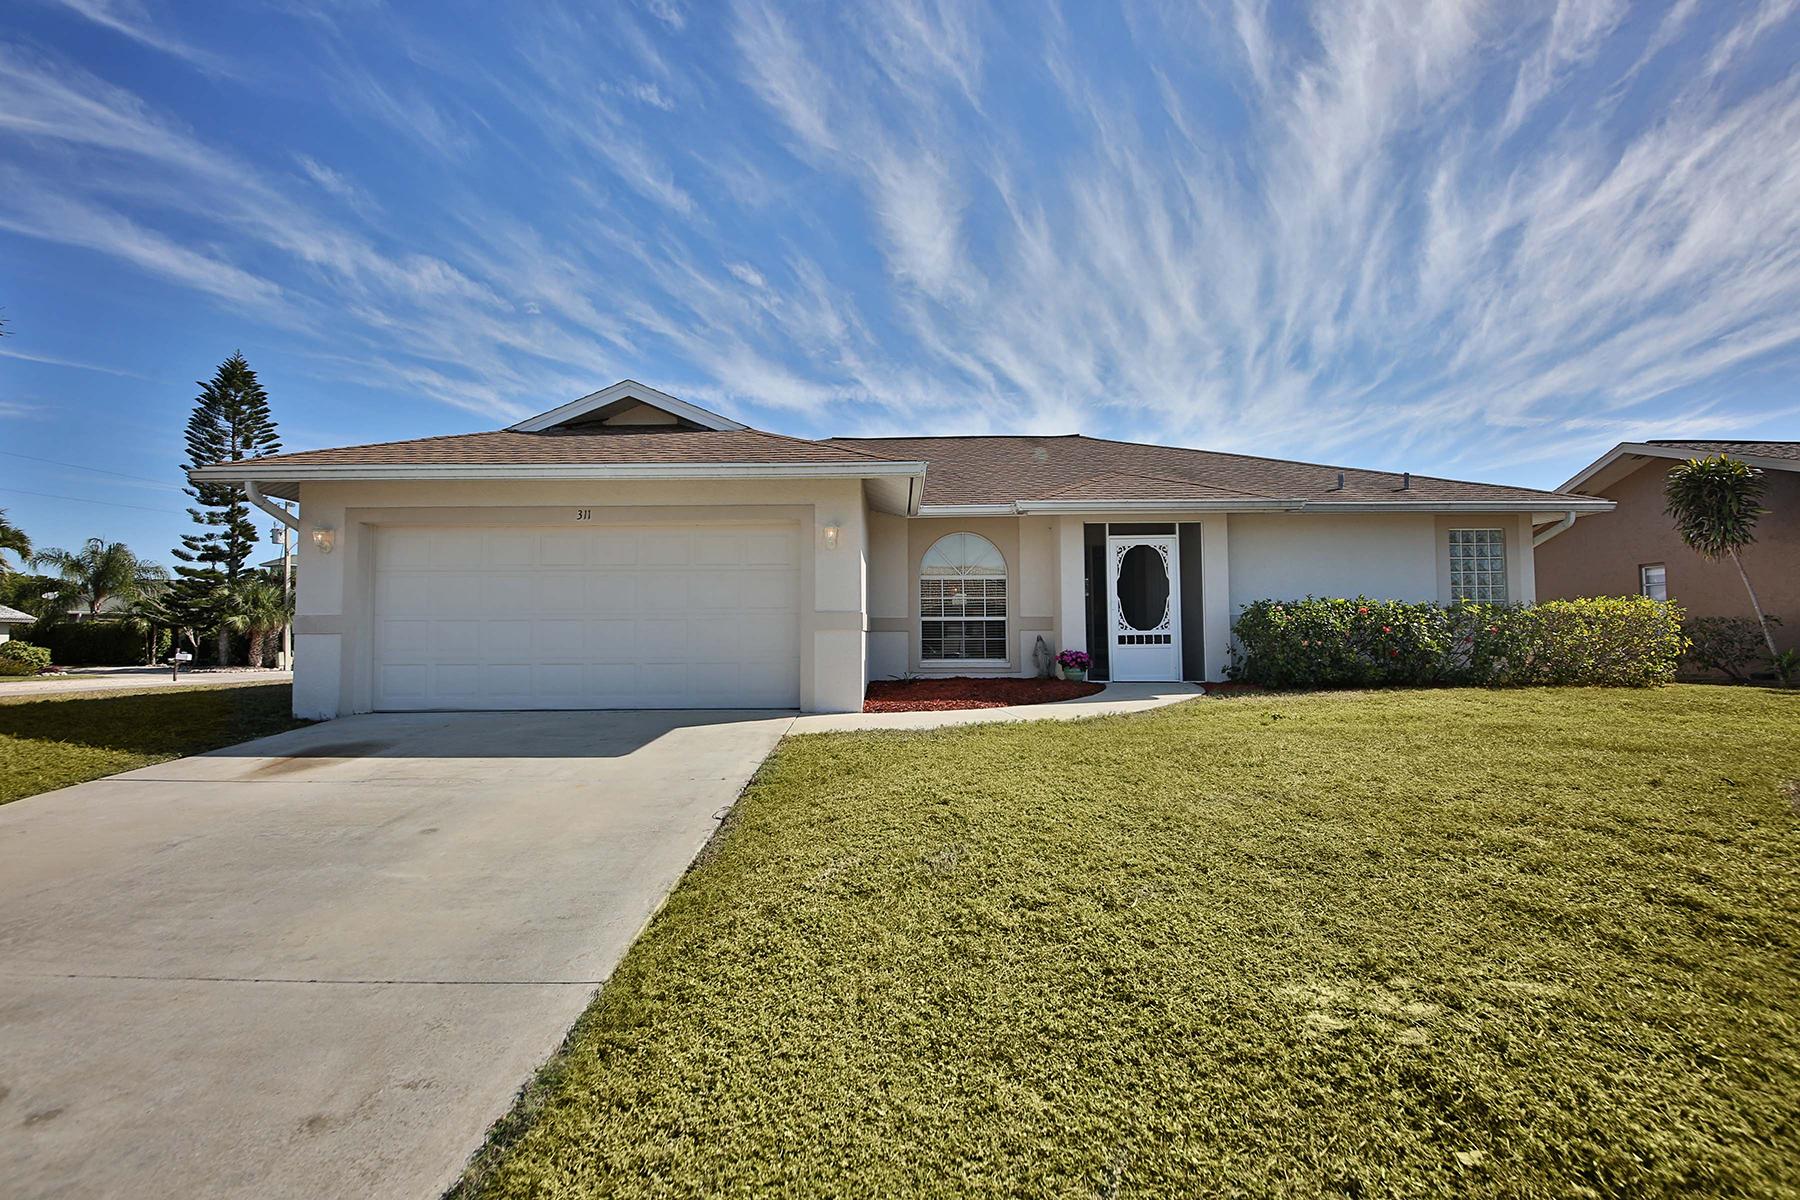 Maison unifamiliale pour l Vente à MARCO ISLAND 311 Hazelcrest St Marco Island, Florida, 34145 États-Unis